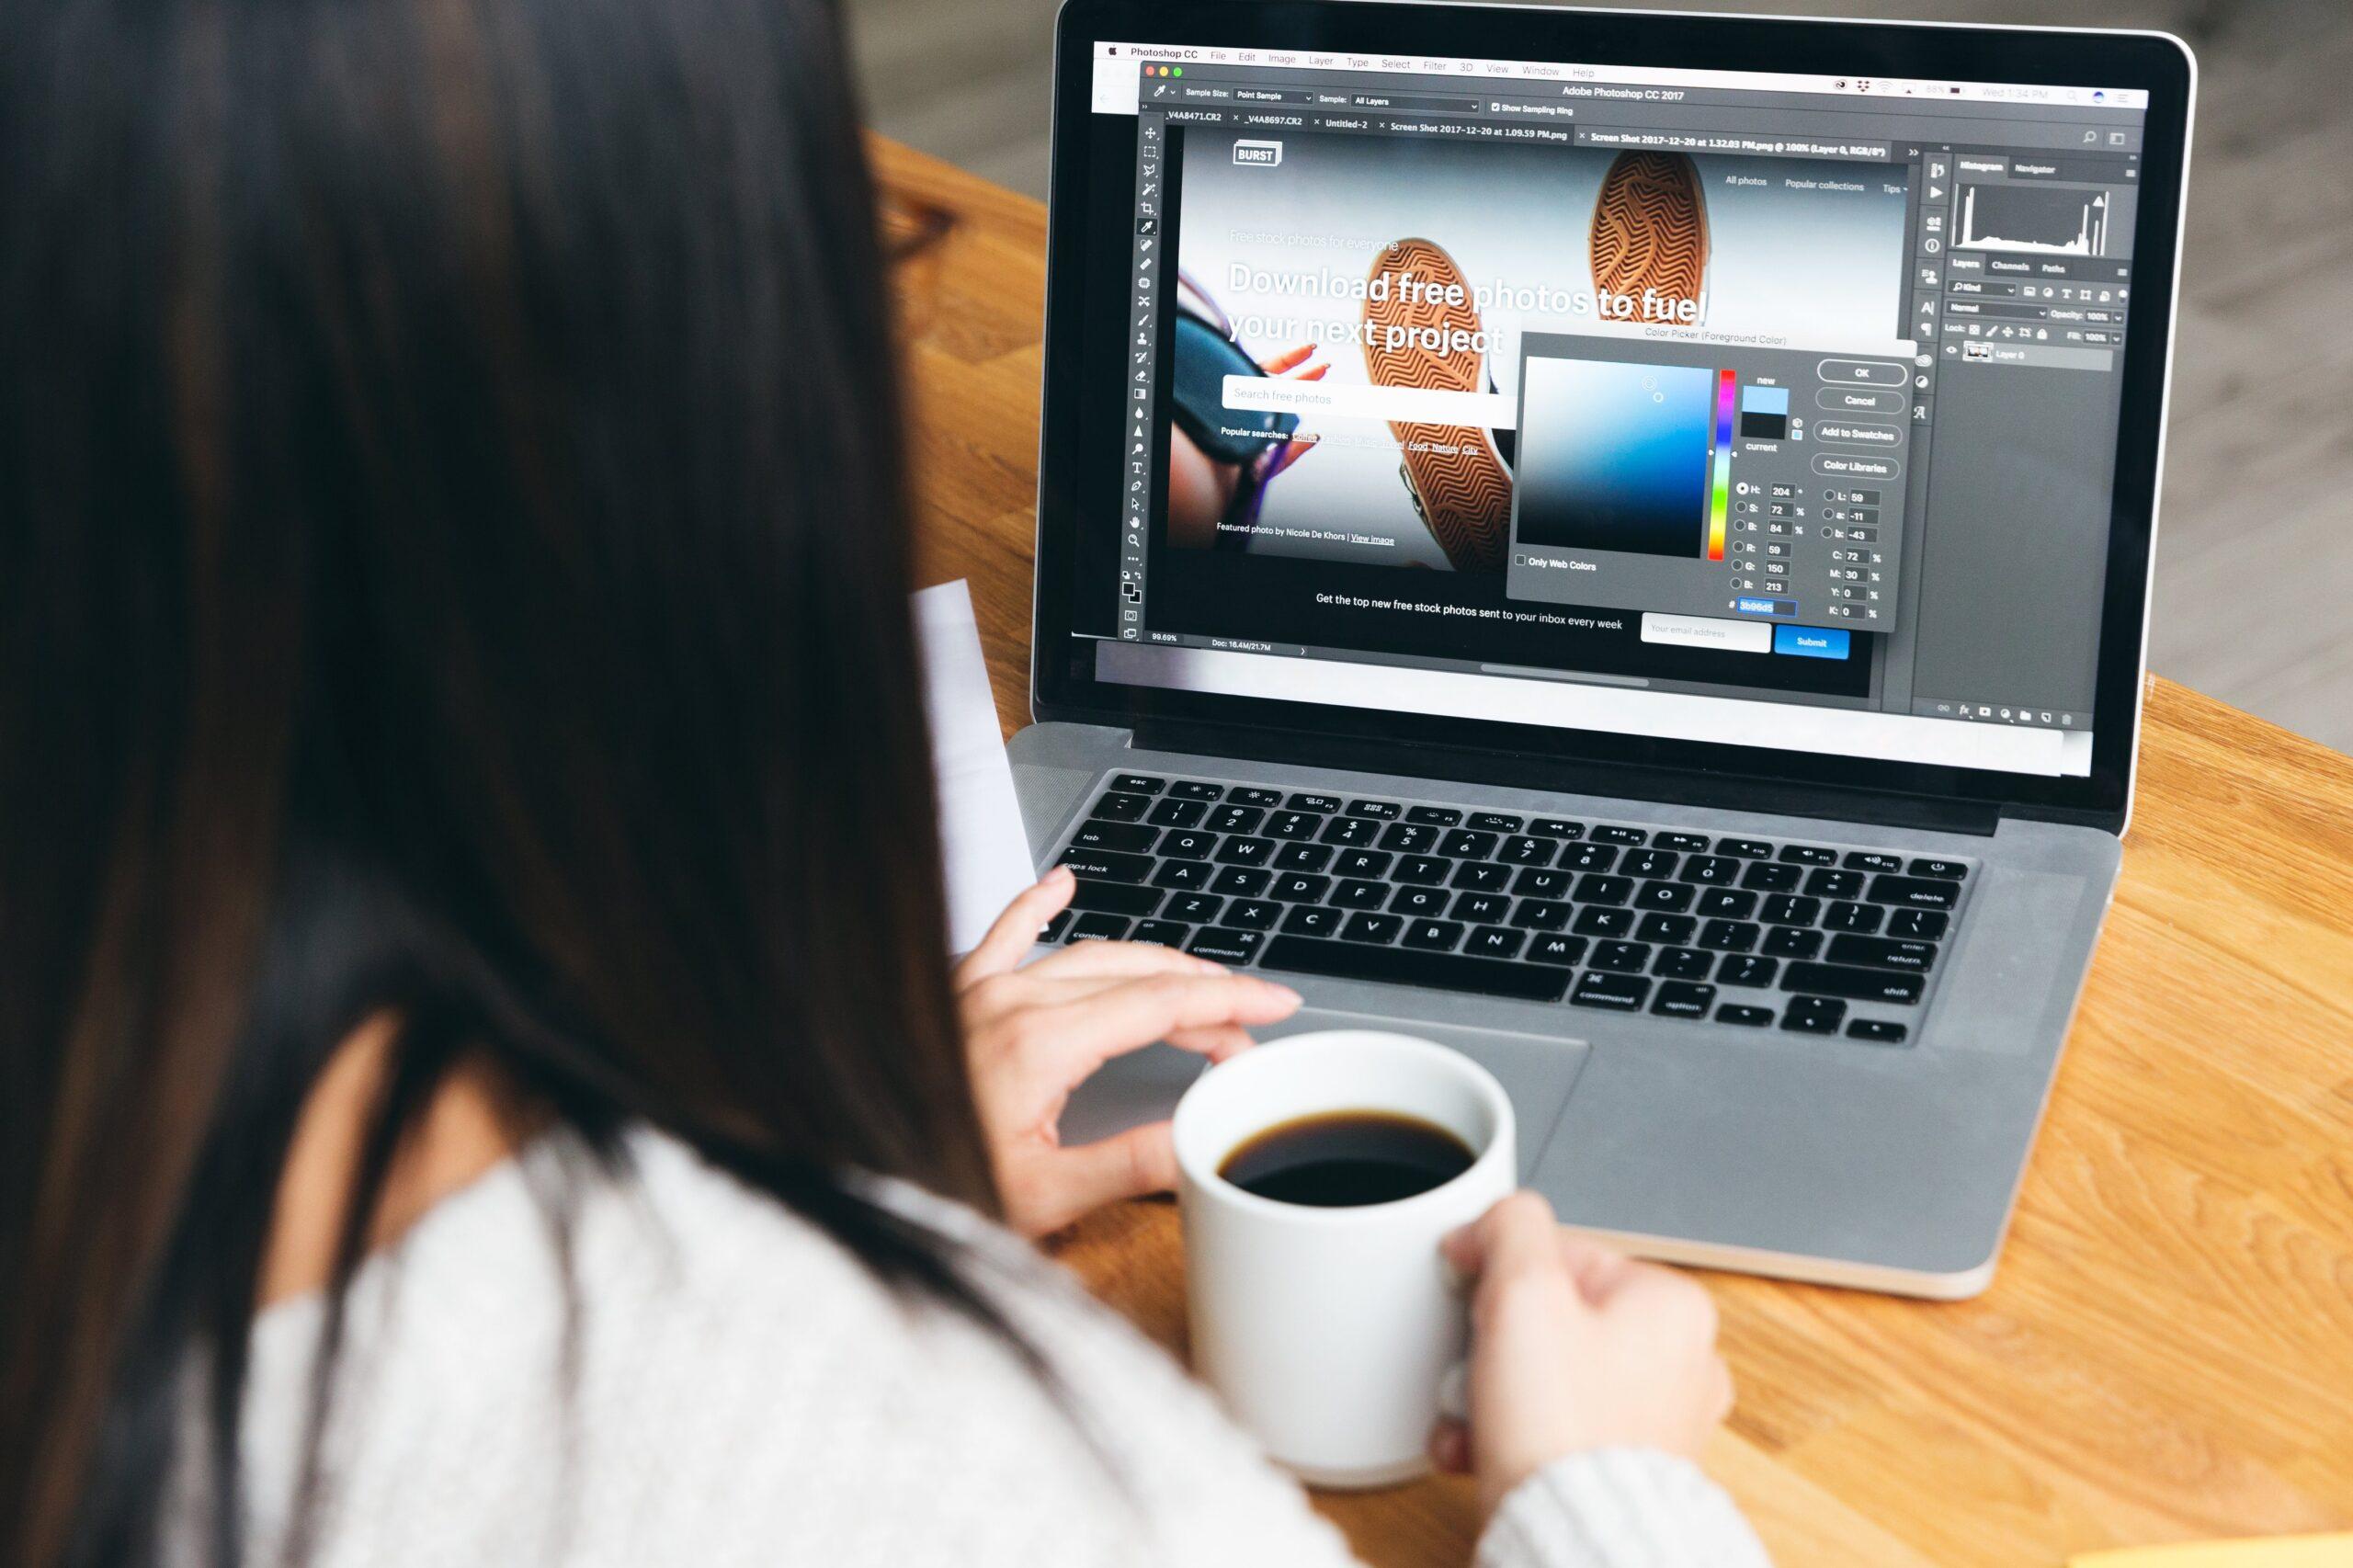 【現役Webデザイナー向け】Webデザイナーにおすすめ転職エージェント